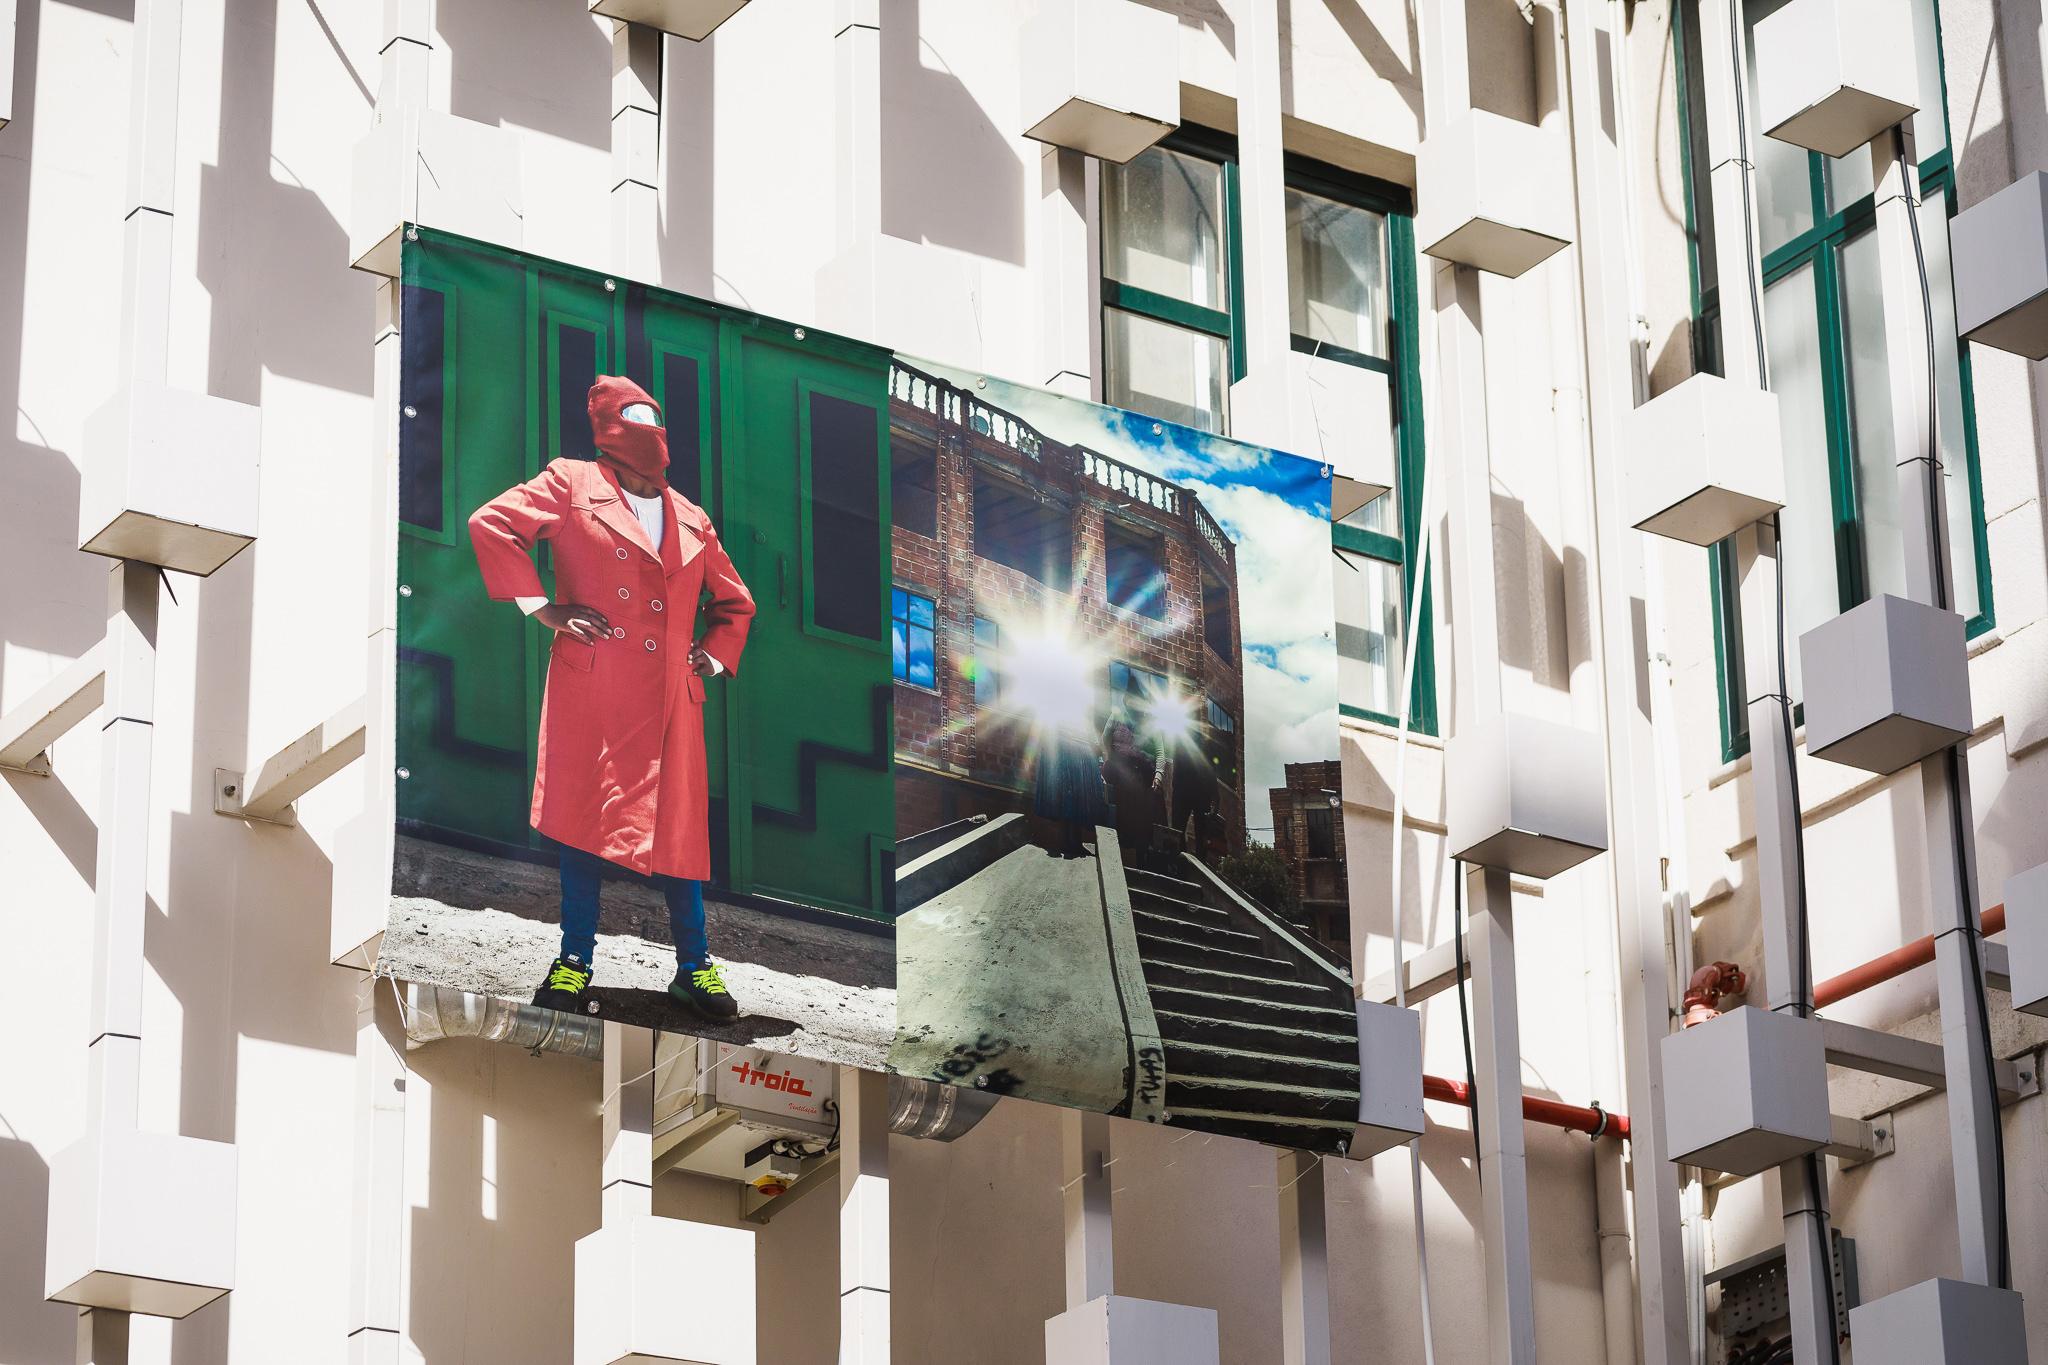 Encontros da Imagem Discovery Award Portugal 2020